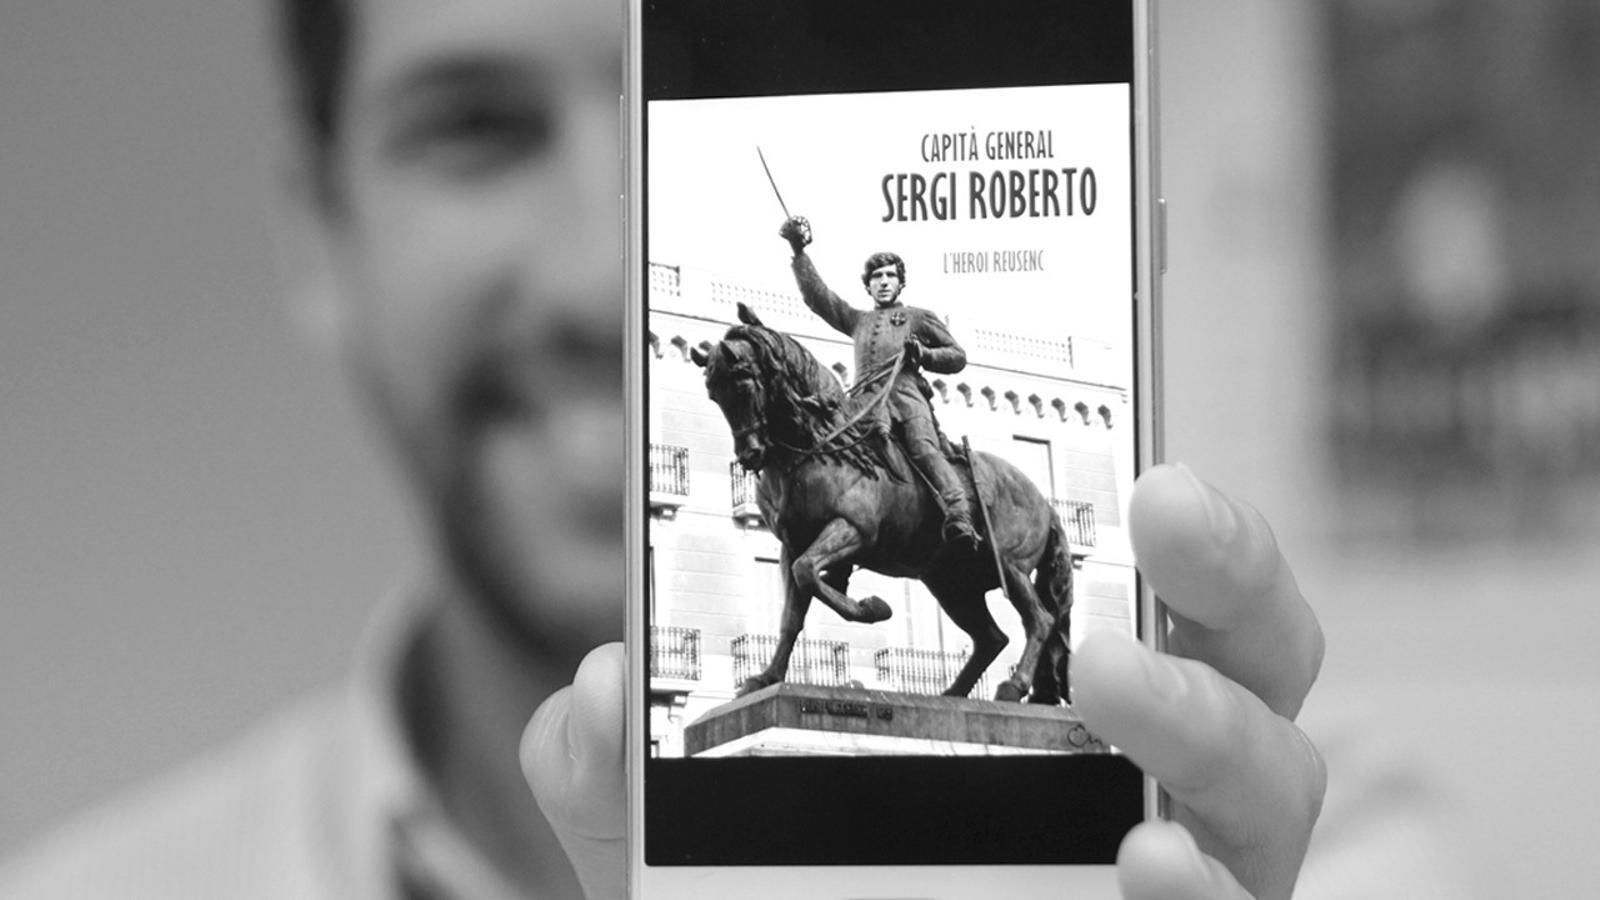 L'anàlisi d'Antoni Bassas: 'La reusmuntada'